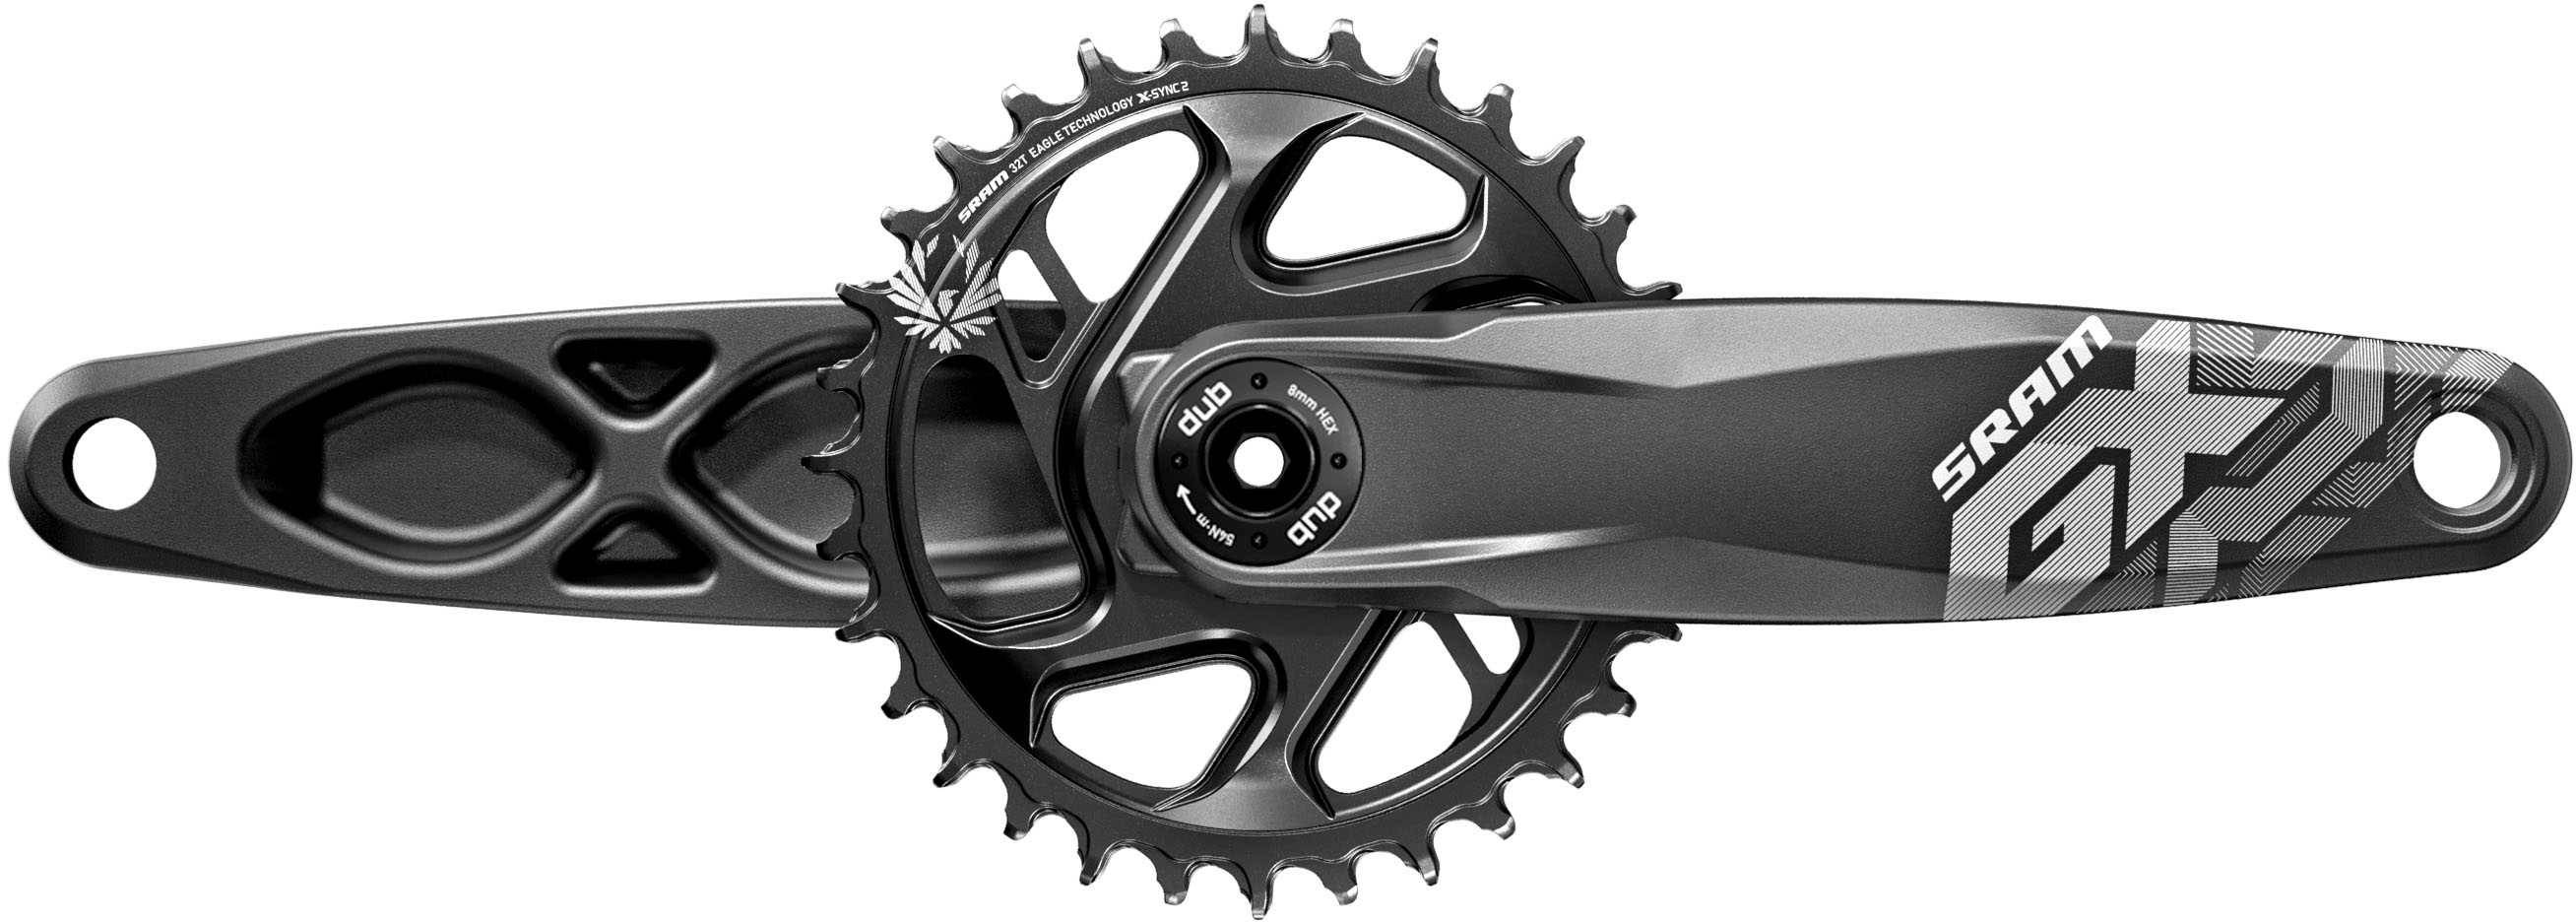 """SRAM Vevparti SRAM GX Eagle Fat Bike 5"""""""" 1 x 12 växlar DUB direct mount 30T 165 mm svart"""